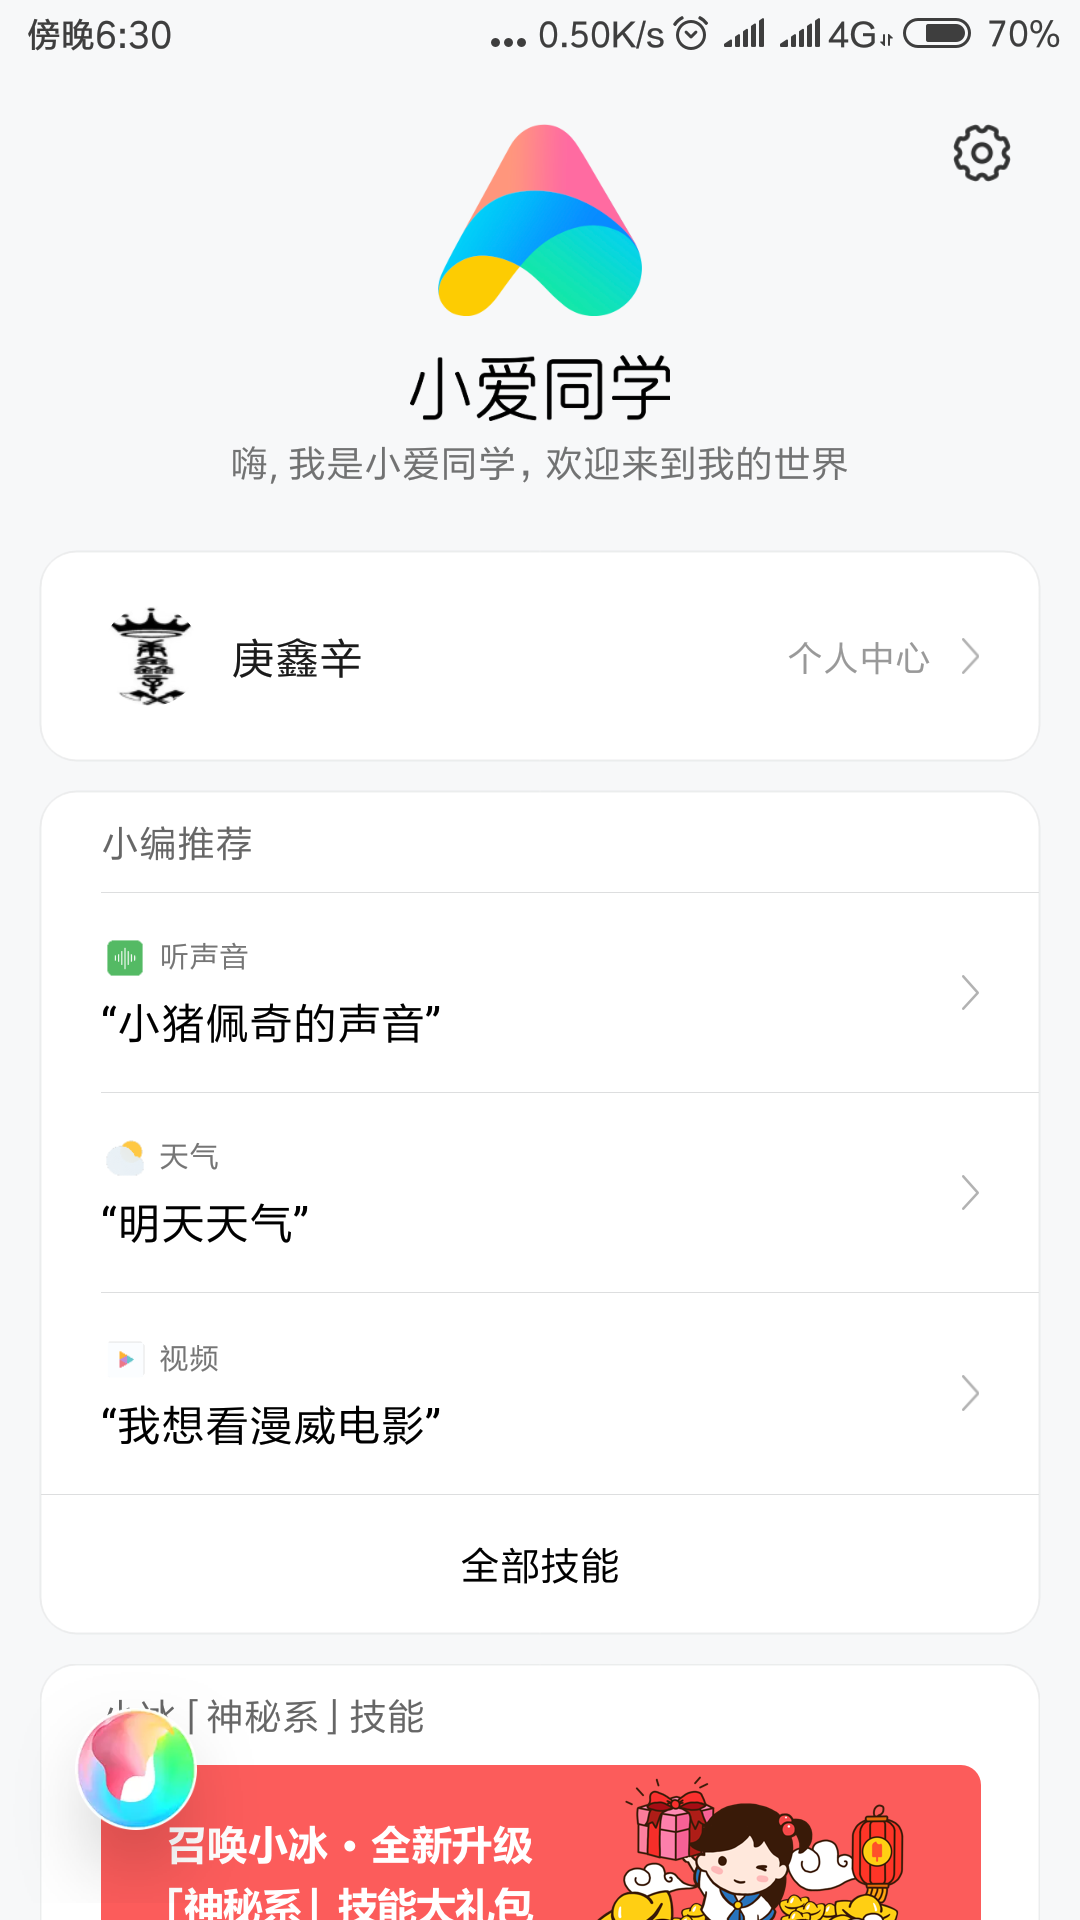 Screenshot_2019-02-28-18-30-10-390_com.miui.voiceassist.png